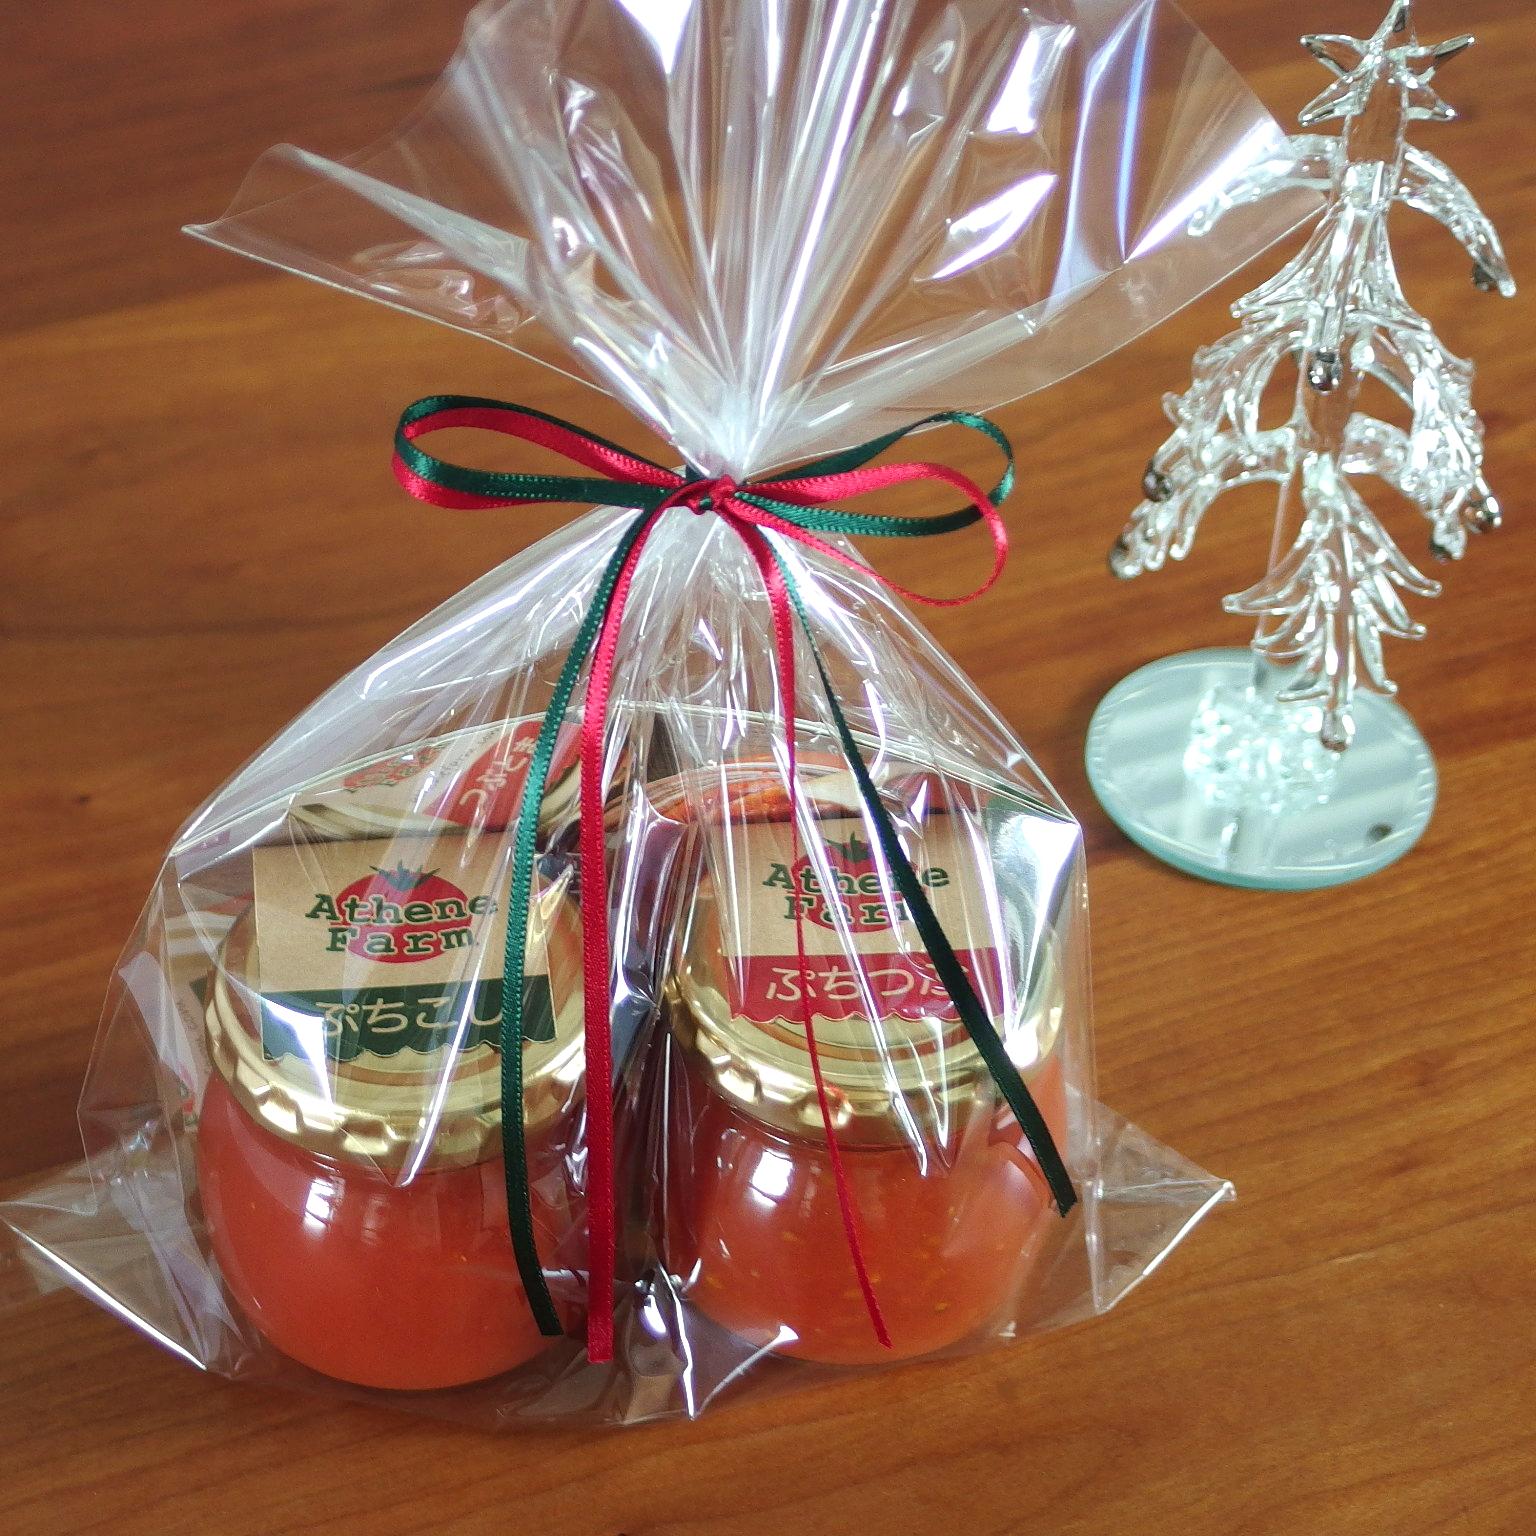 濃縮フルーツトマト『ぷちギフト』画像